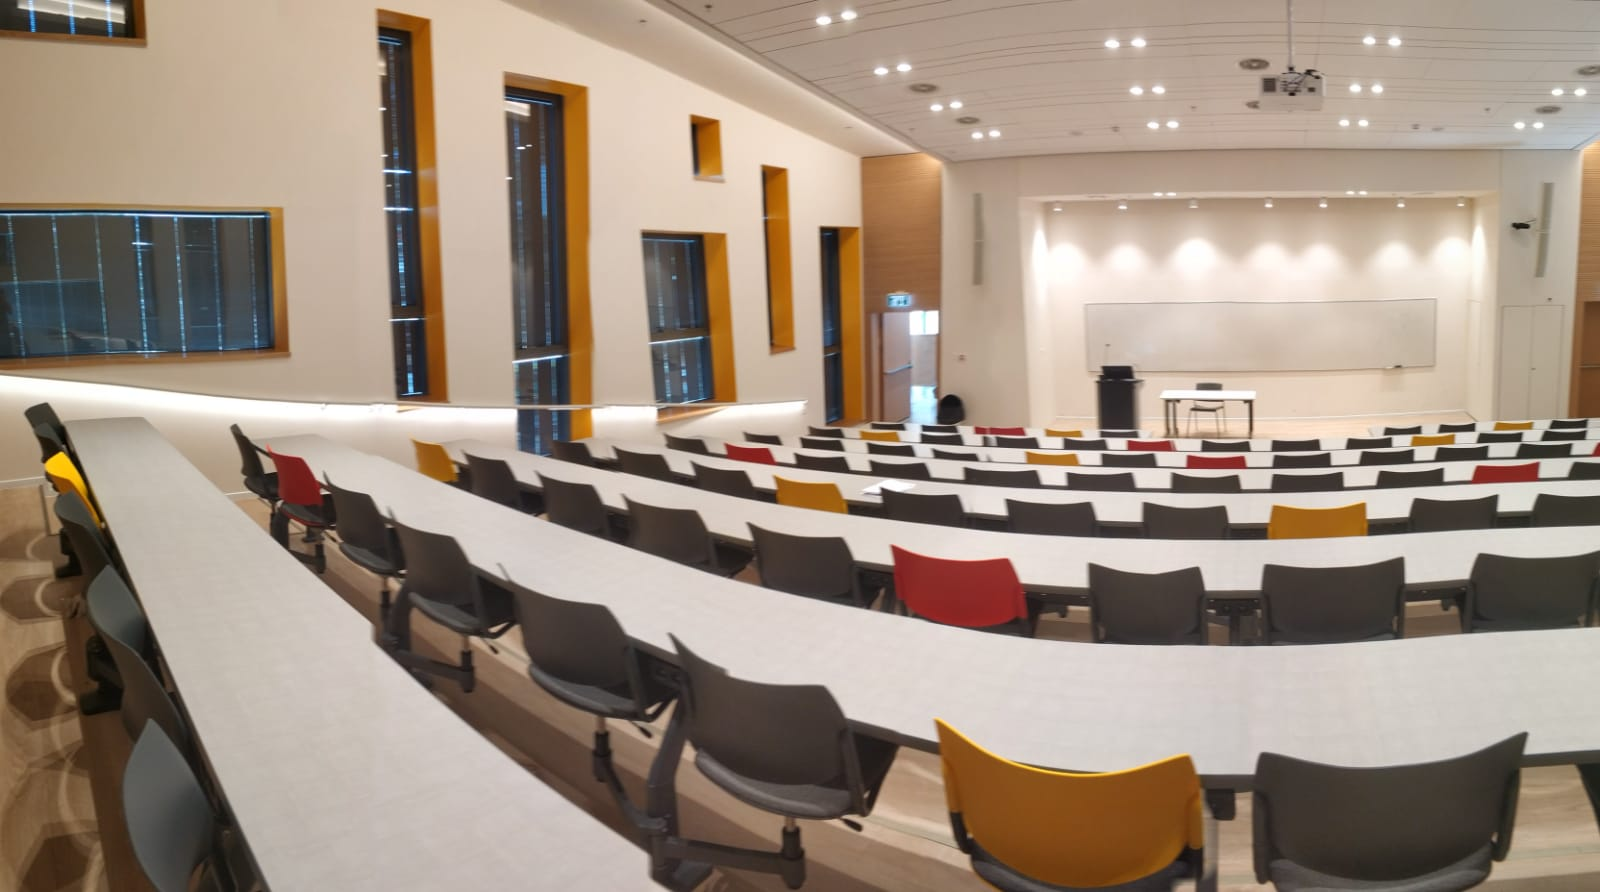 כיסאות כיתות למוד בית ברל מושבי רחף IRWIN (6)